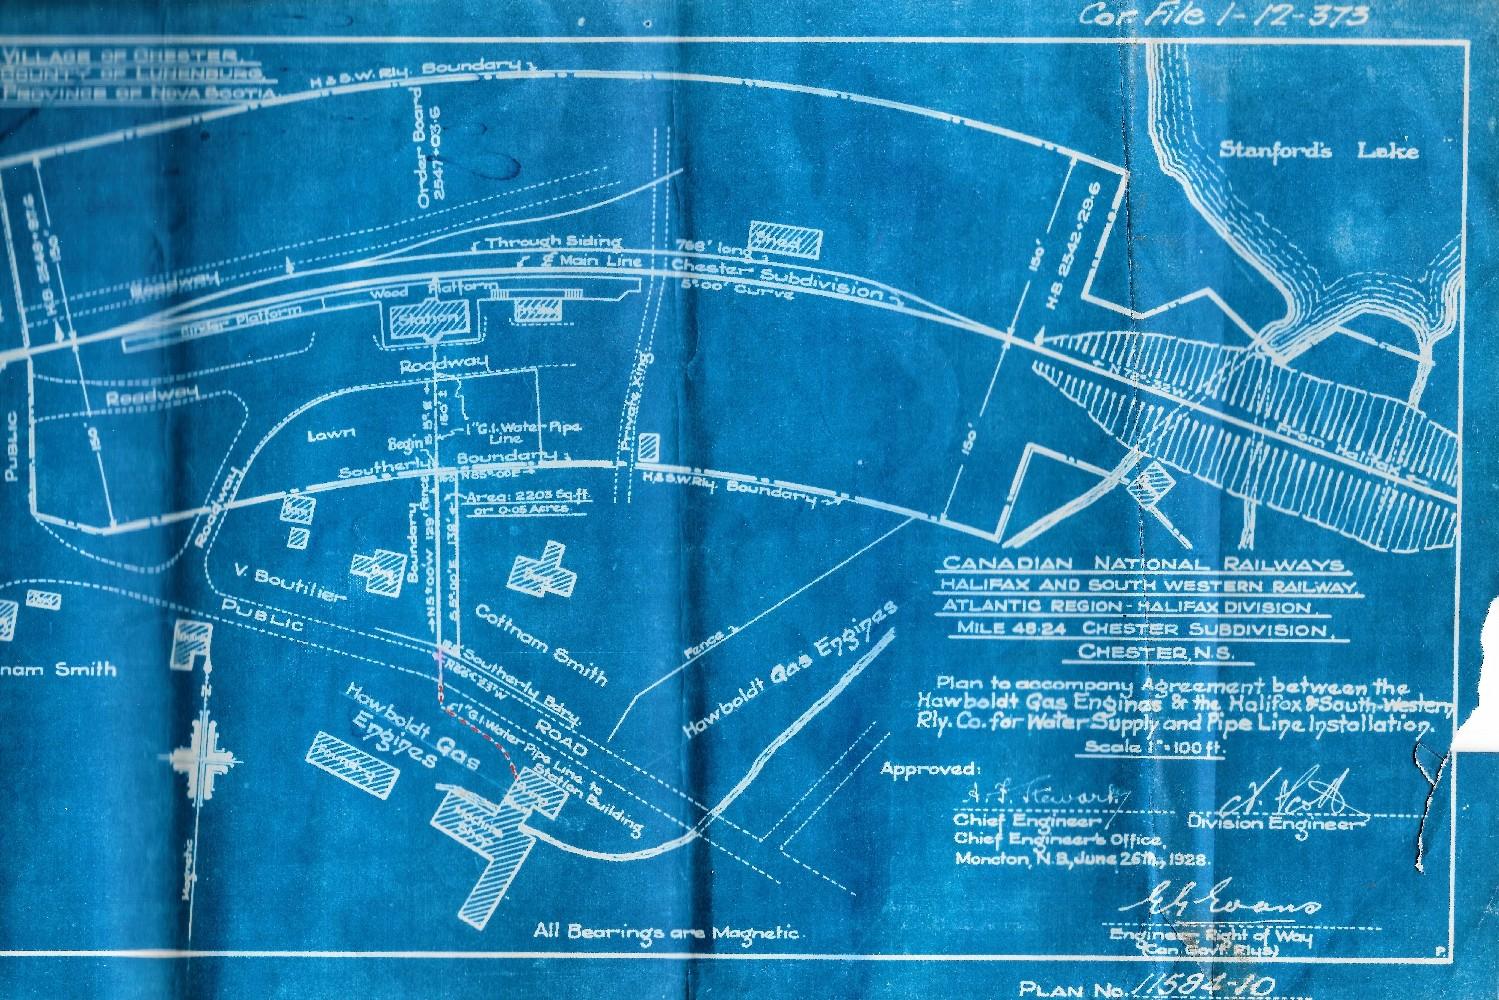 Un plan d'ingénieur bleu et blanc annexé à l'entente pour l'installation des canalisations et de l'approvisionnement en eau entre Hawboldt Gas Engines et la Halifax and Southwestern Railway Company en 1928. Il indique la voie de chemin fer, l'emplacement des canalisations d'eau et toutes les propriétés adjacentes et les propriétaires de l'époque.